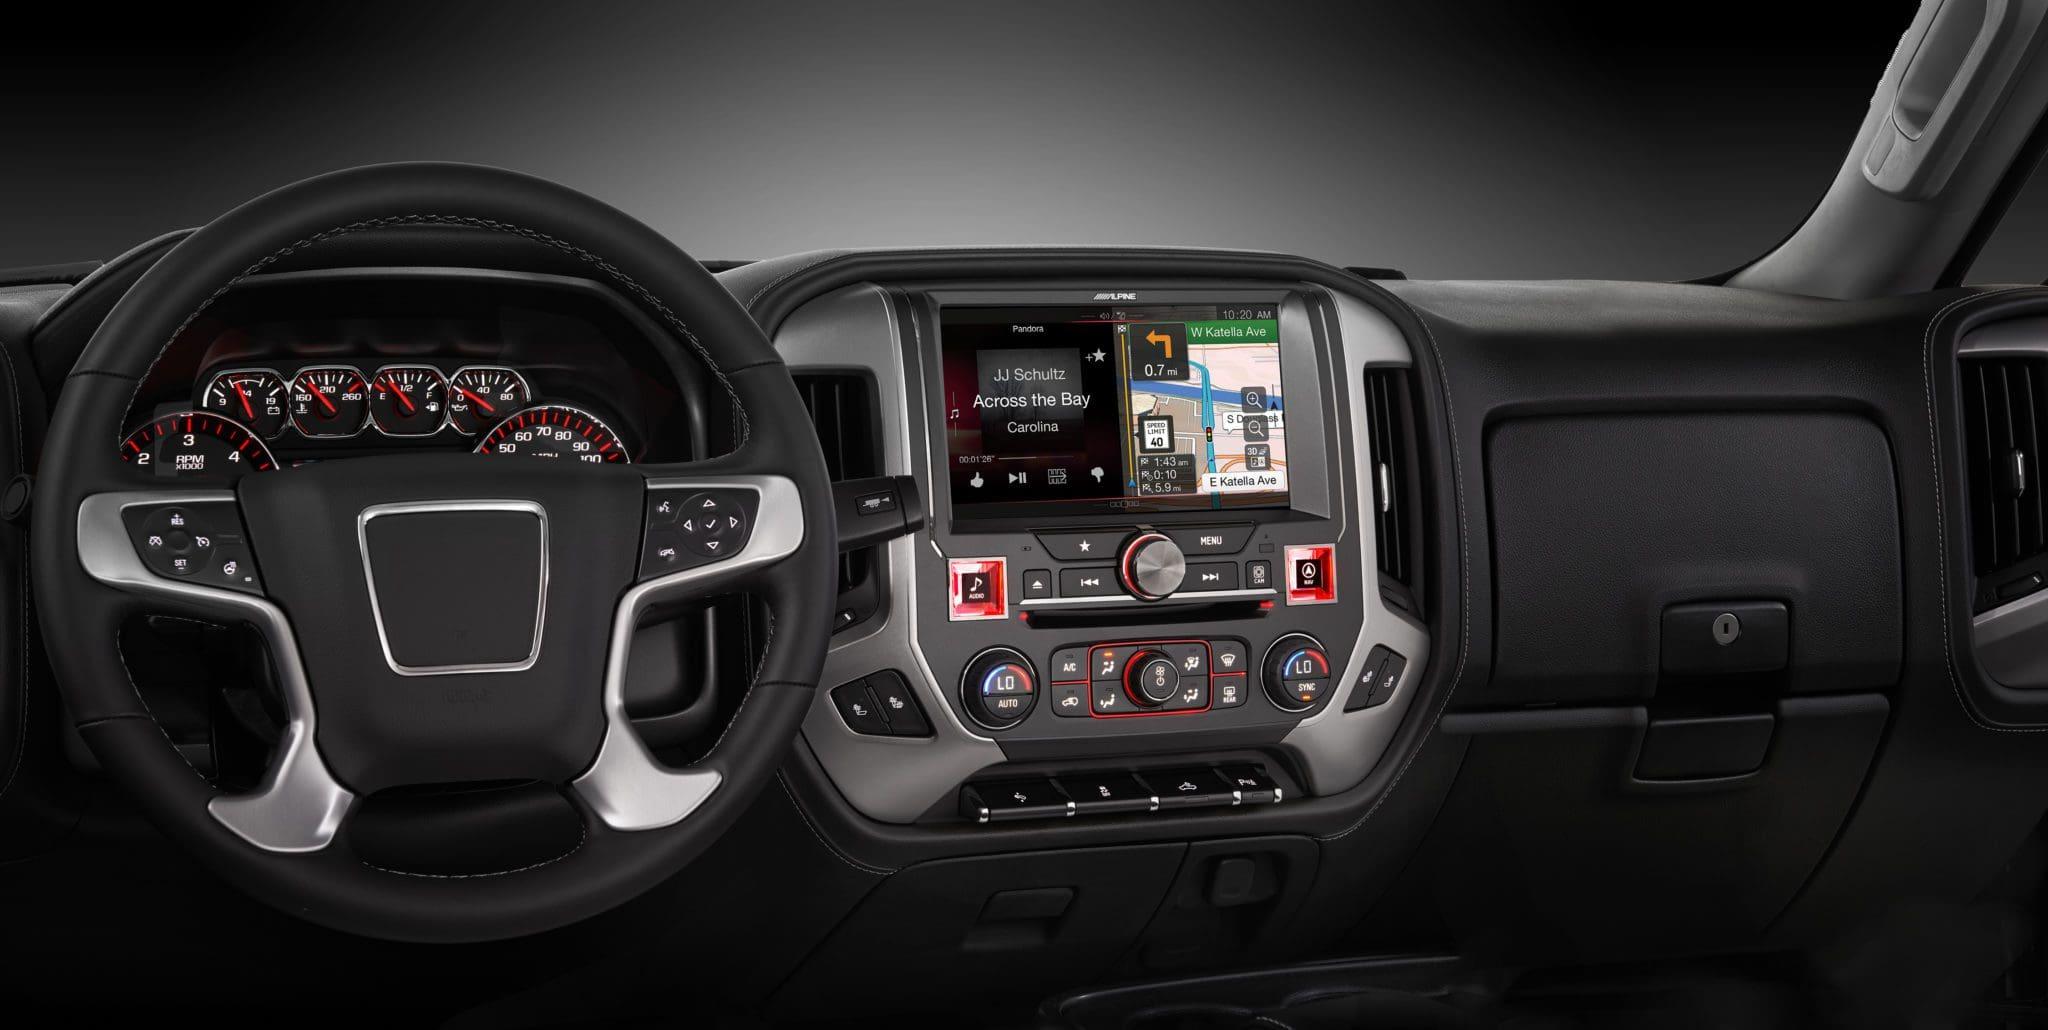 Alpine Restyle In-dash Navigation System for 2014  GMC Sierra